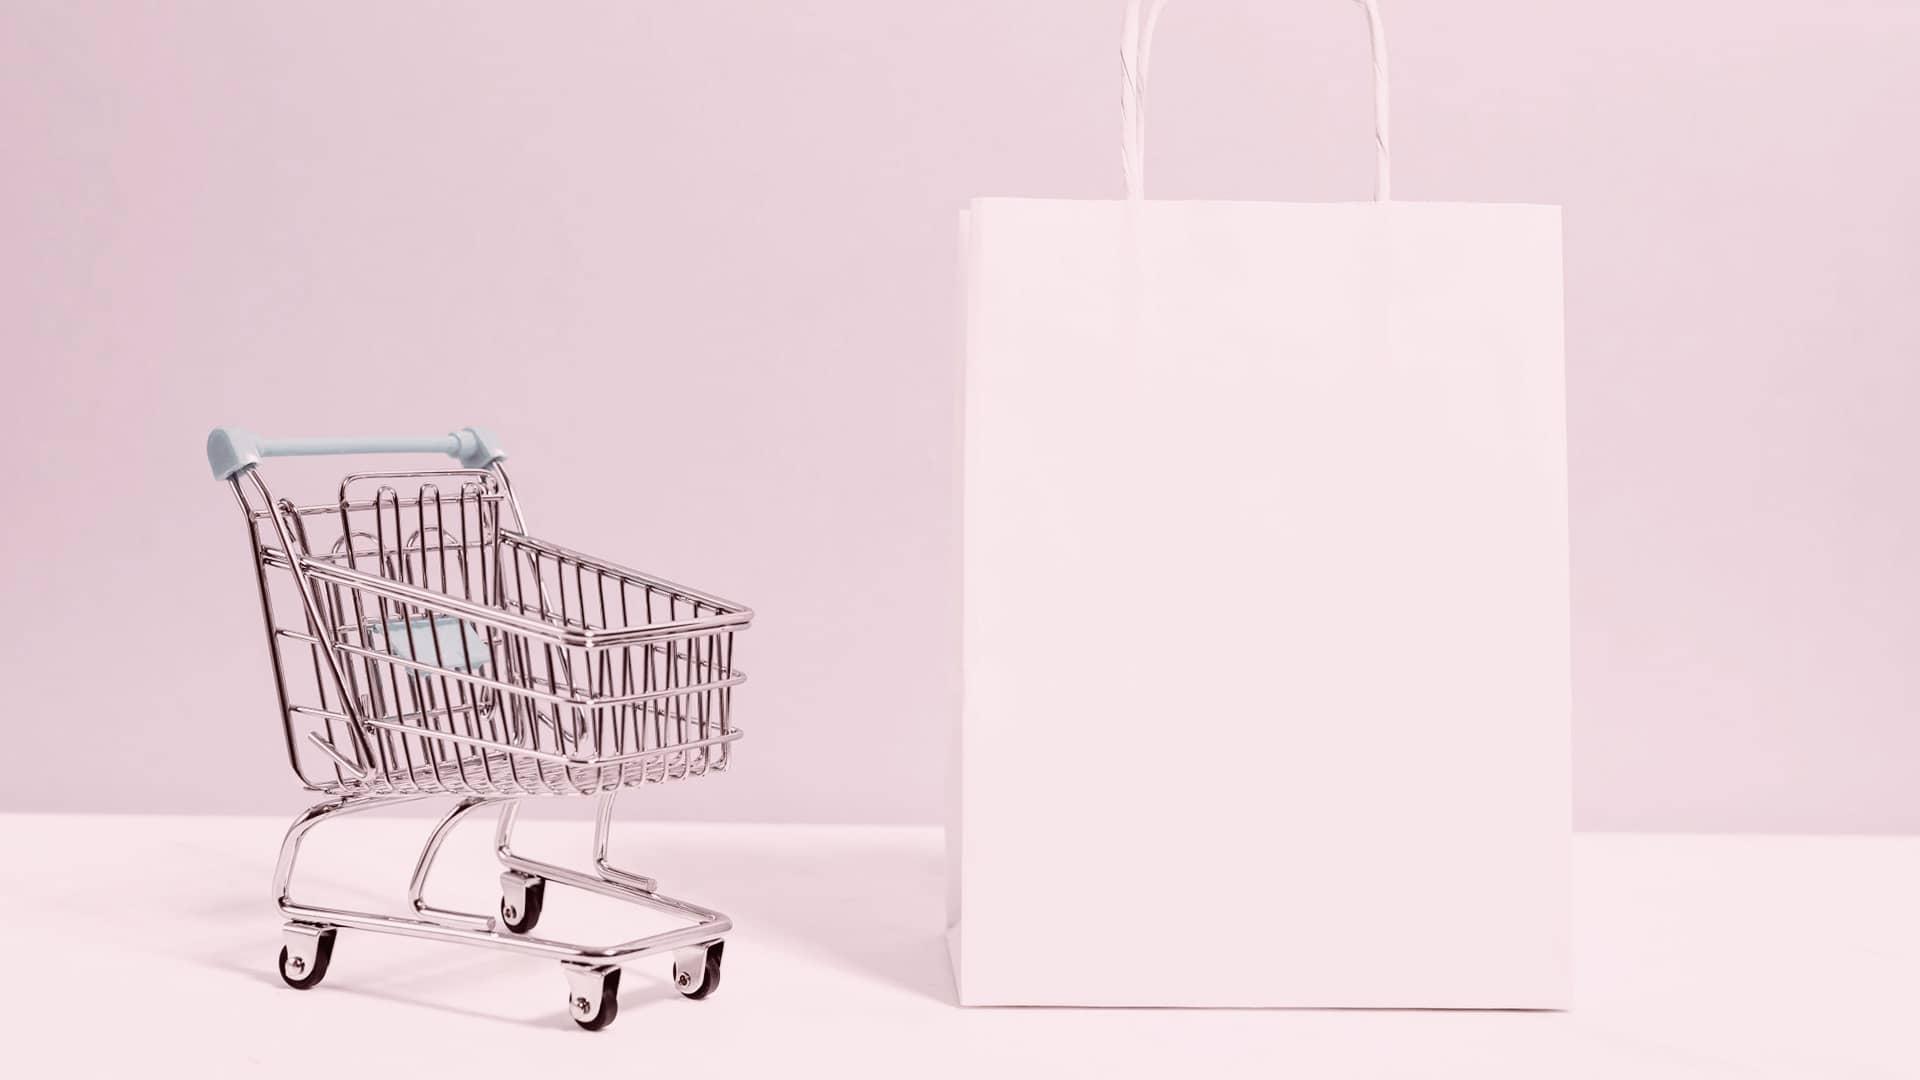 ¿Qué tendencias del ecommerce tienes que tener en cuenta en 2021?